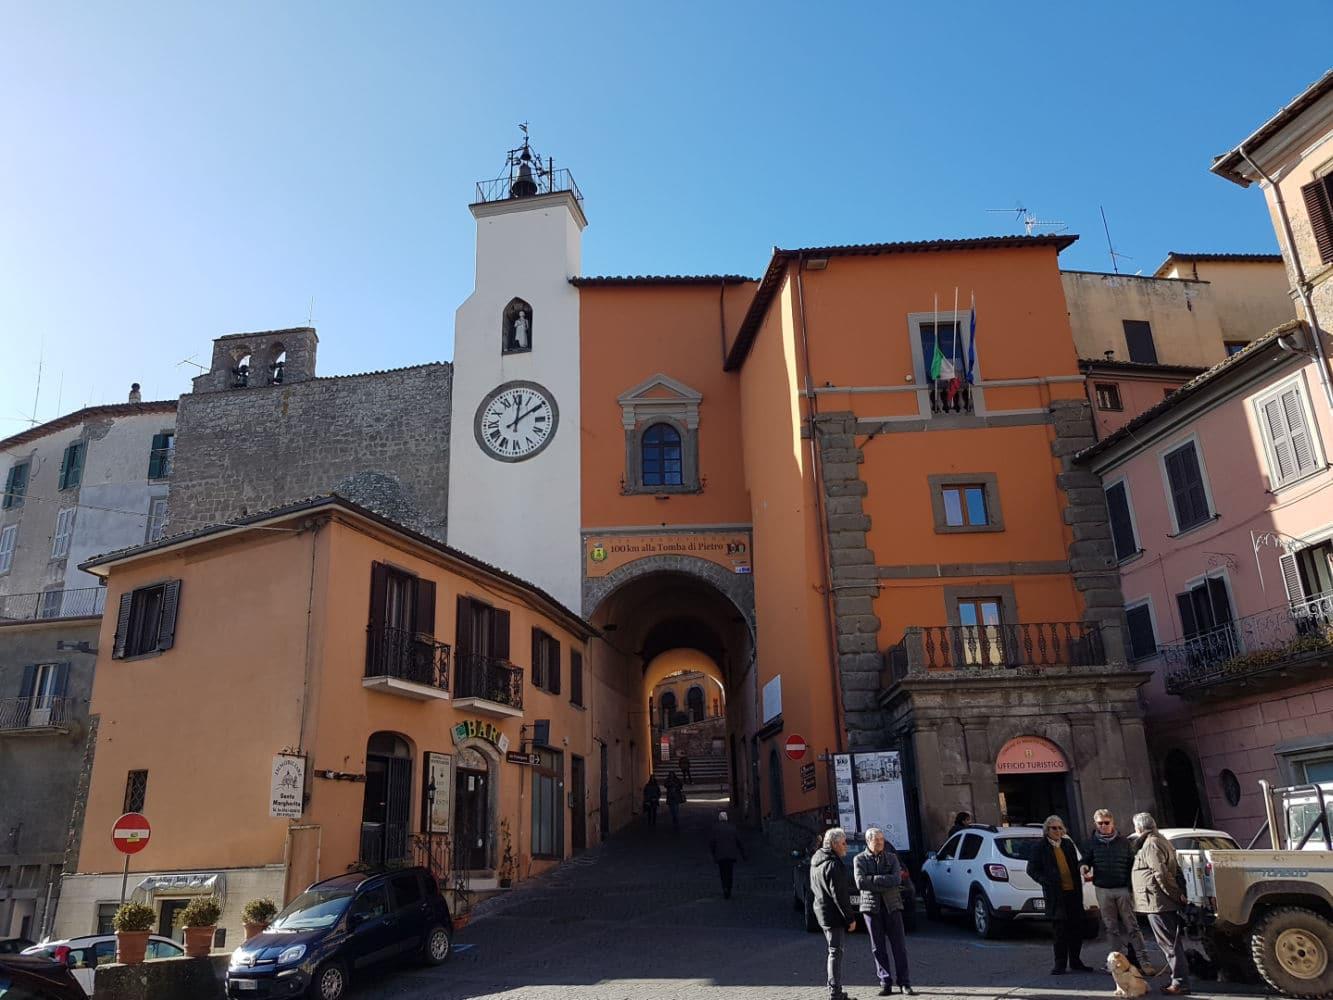 Montefiascone e a história de um grande bebedor de vinhos